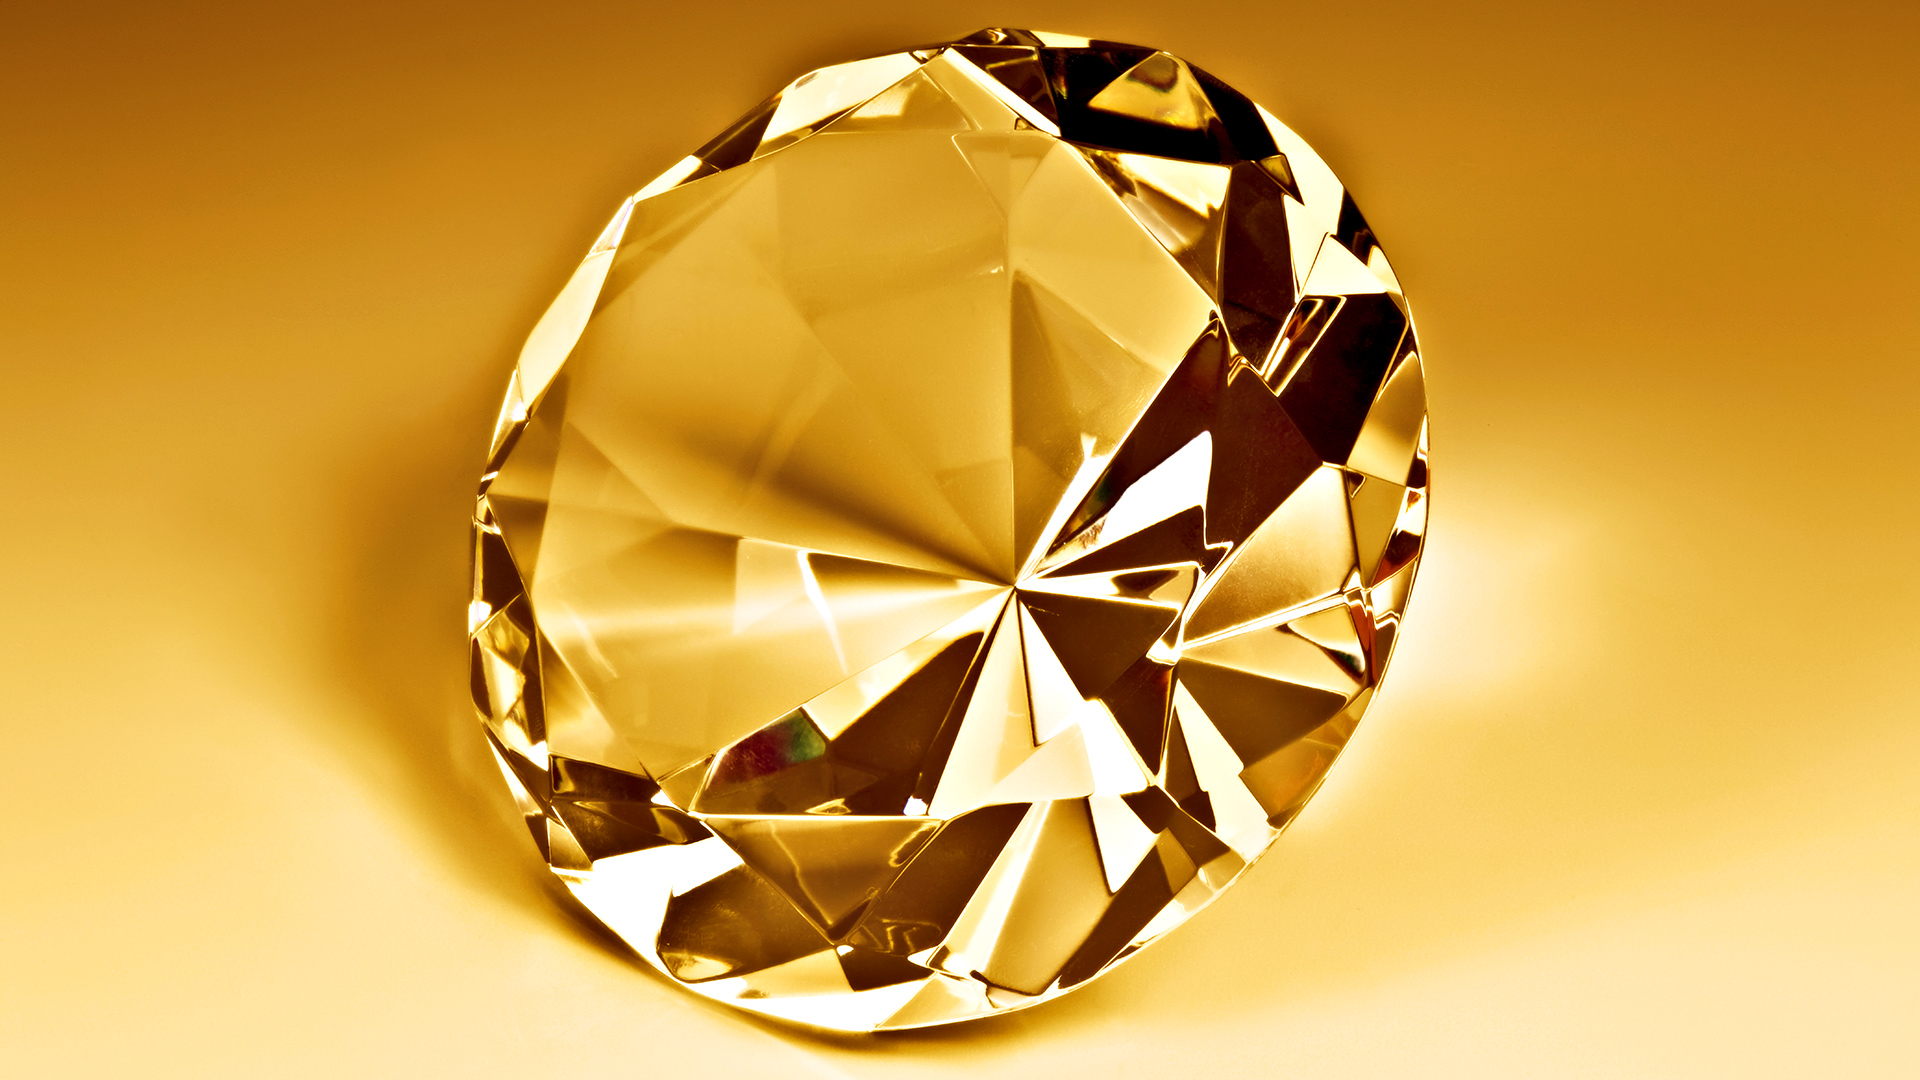 The Golden Diamond